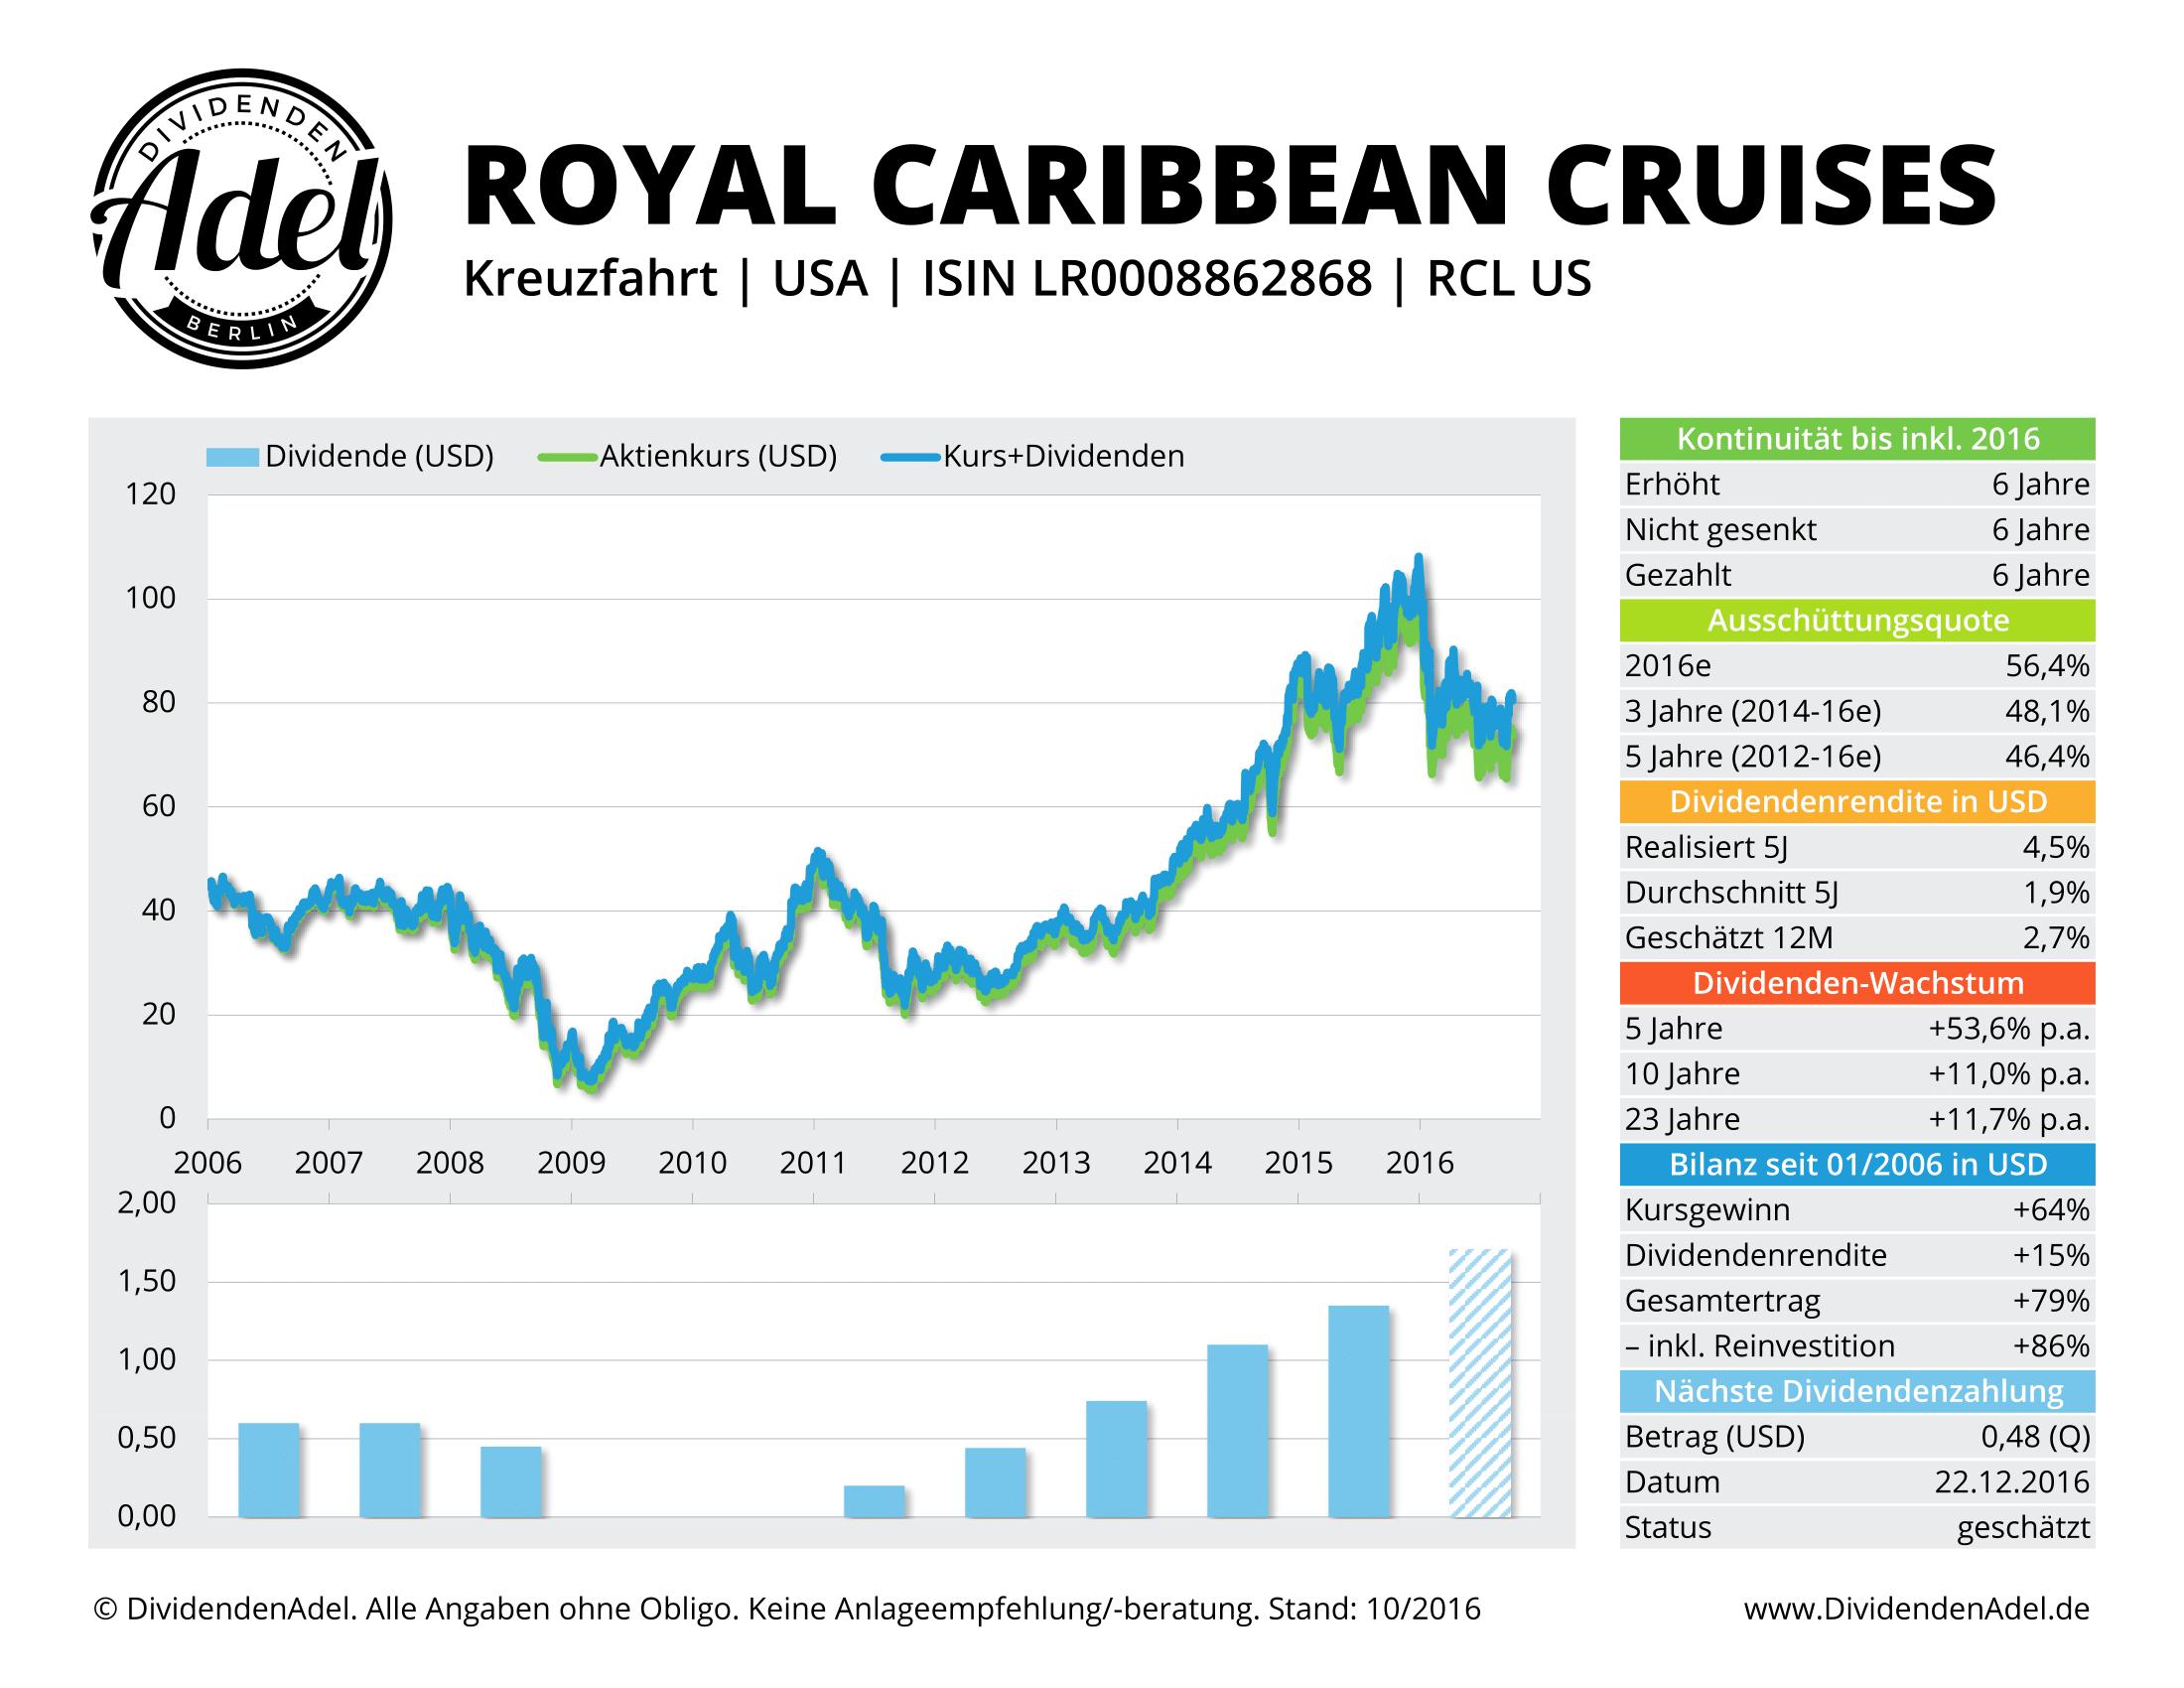 Kreuzfahrt Aktien Cruise Line Carnival Royal Caribbean Norwegian AIDA Mein Schiff